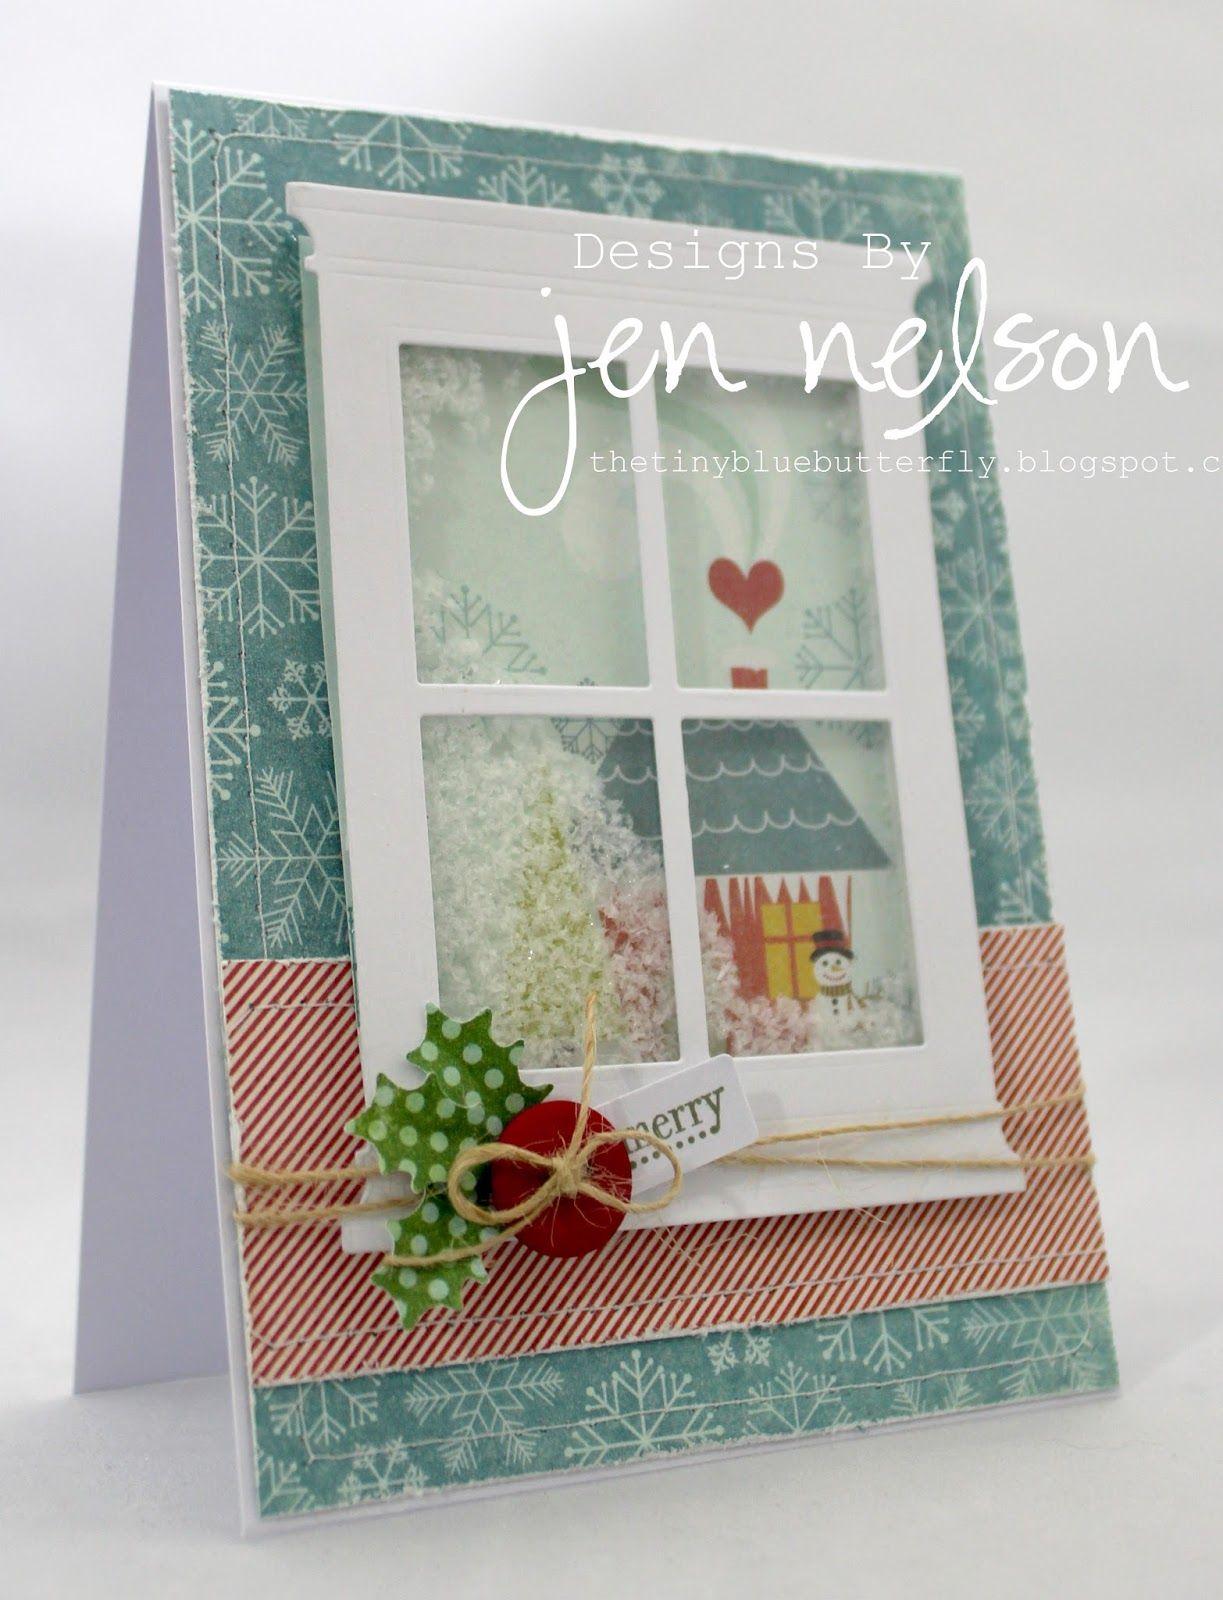 http://4.bp.blogspot.com/-SU3iKjEKVmE/UijnOCqm5iI/AAAAAAAAGsI/Sn6P7rw7uMU/s1600/Christmas+Window+Sep-13.jpg